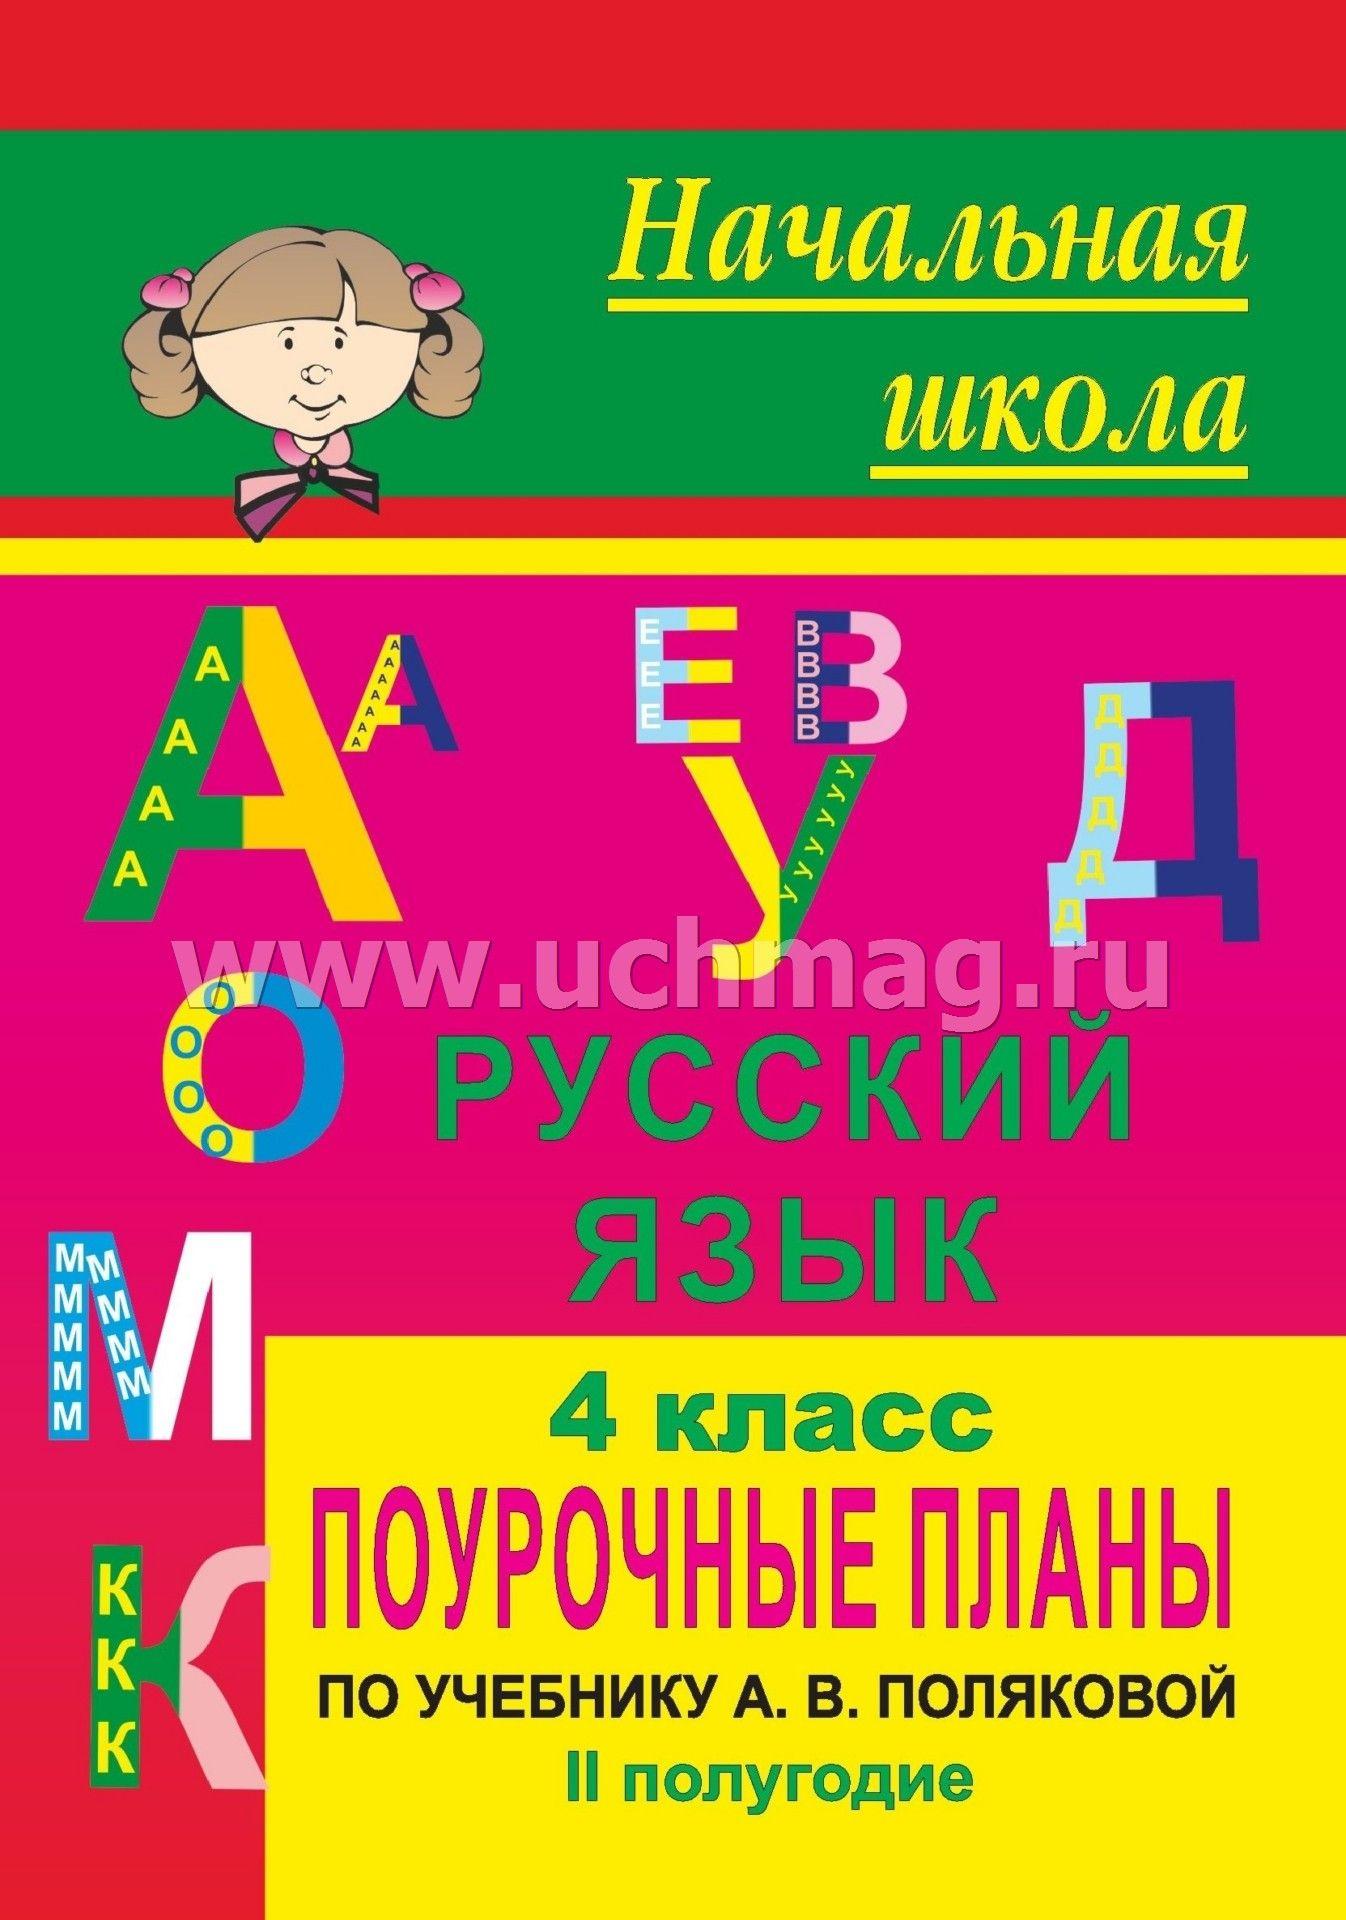 Ответы по русскому языку в рабочей тетради за 4 класс поляковой а.в